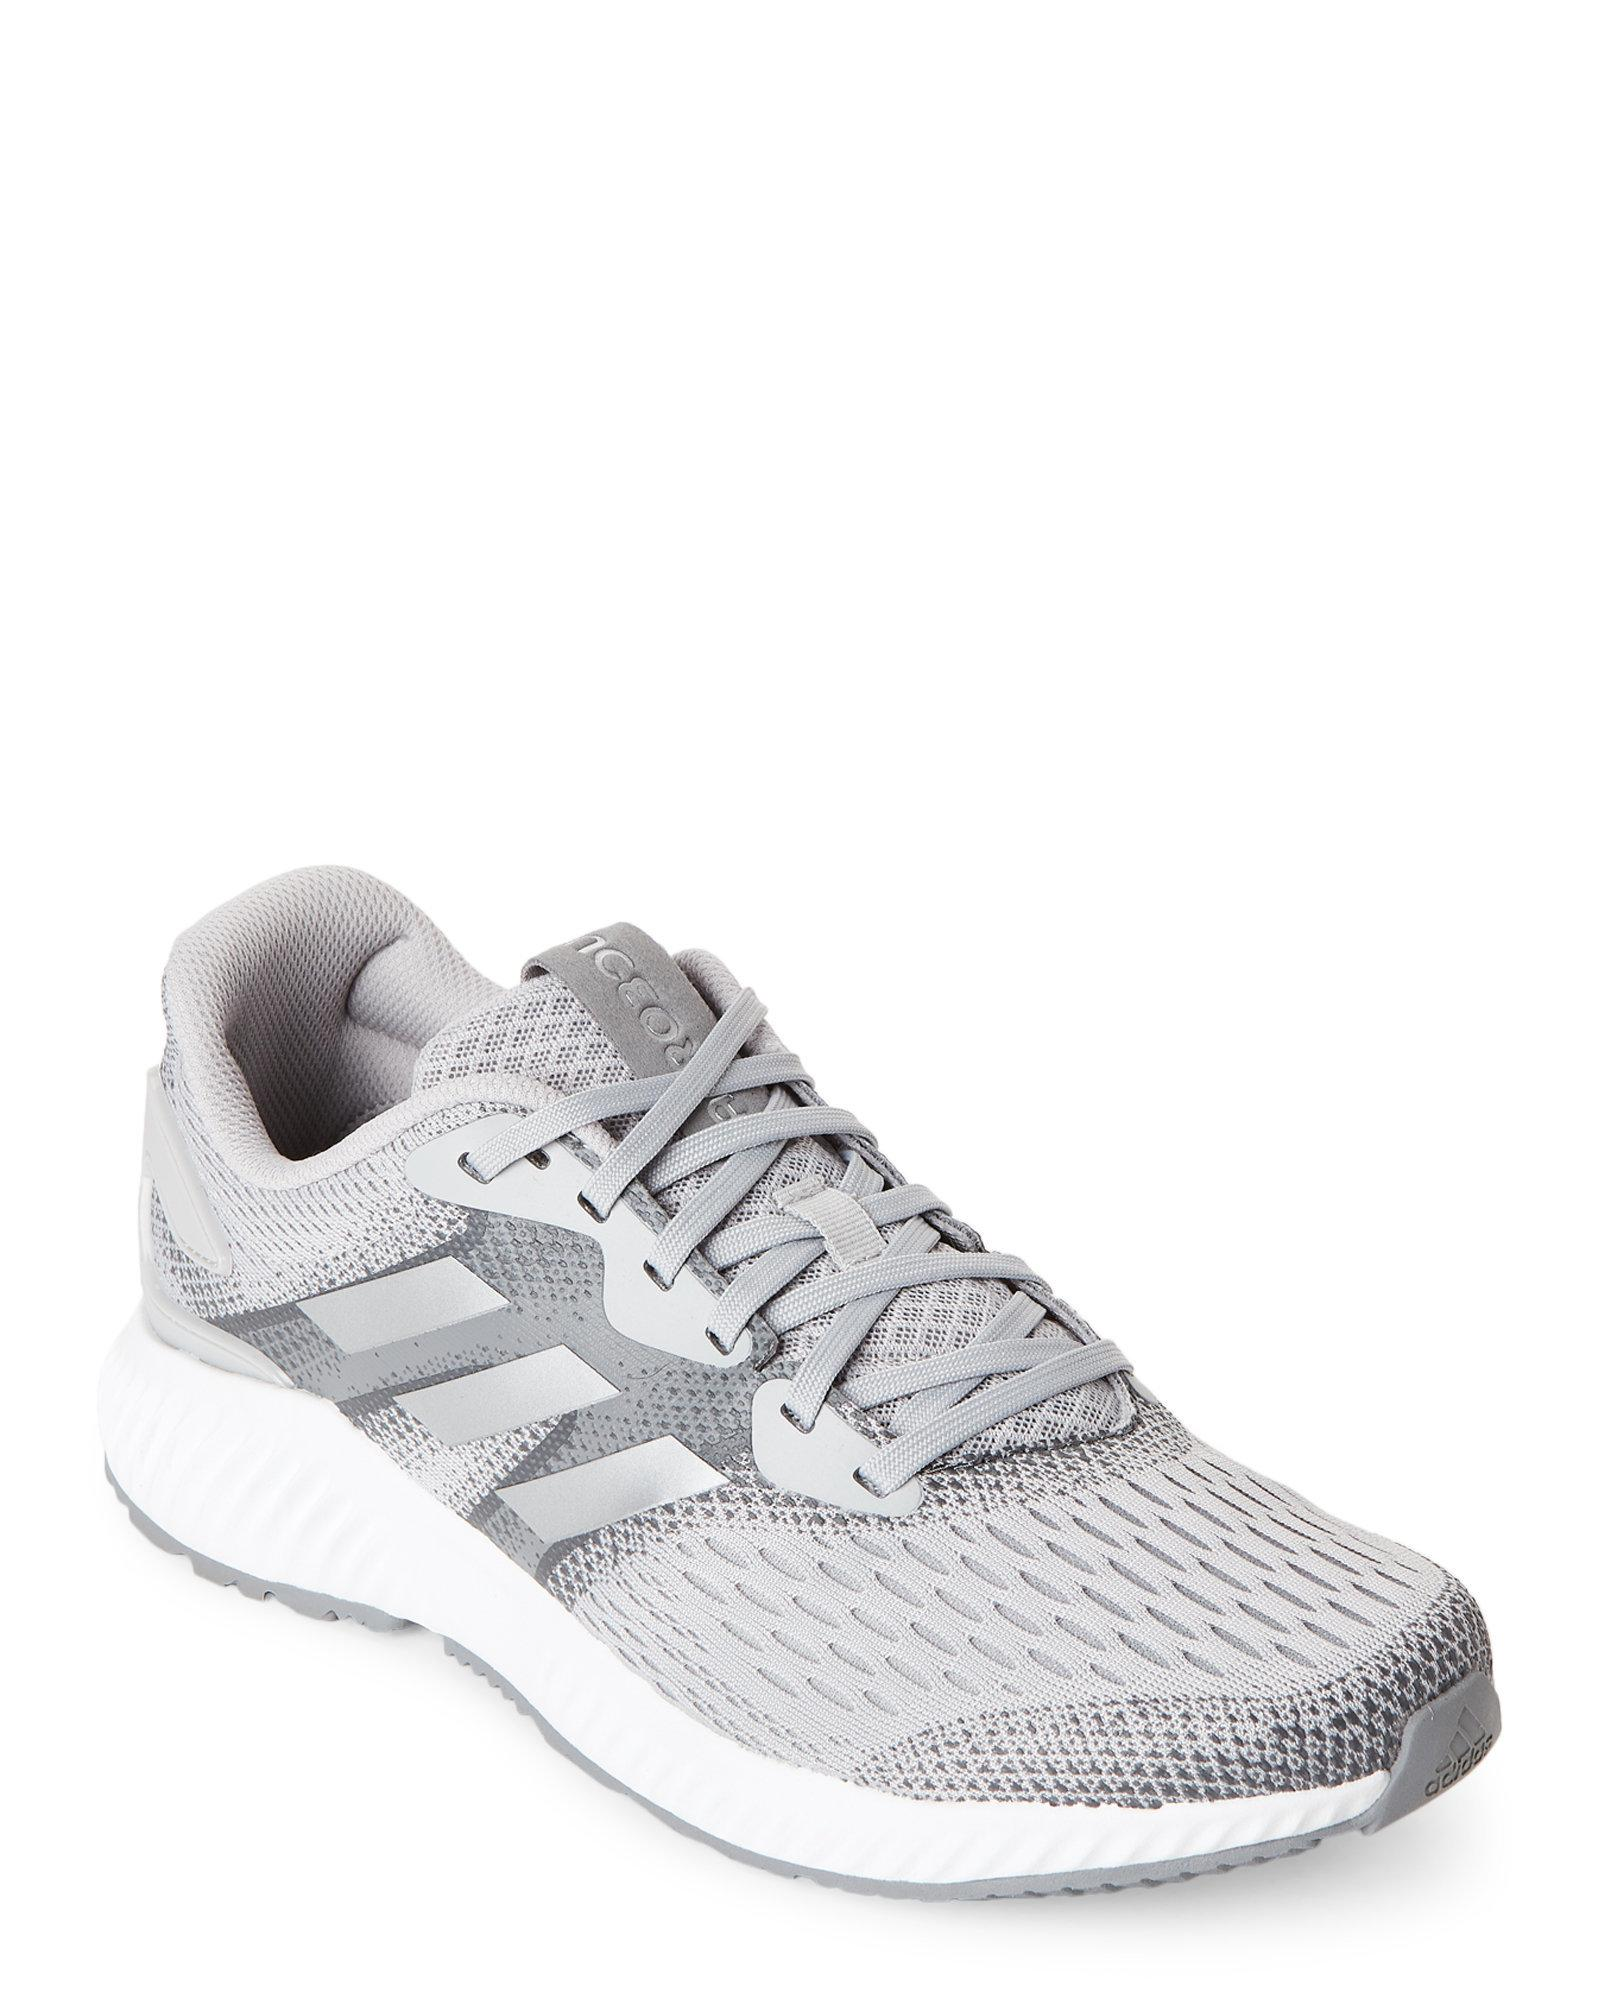 lyst adidas grey aerobounce in scarpe da ginnastica in grigio per gli uomini.